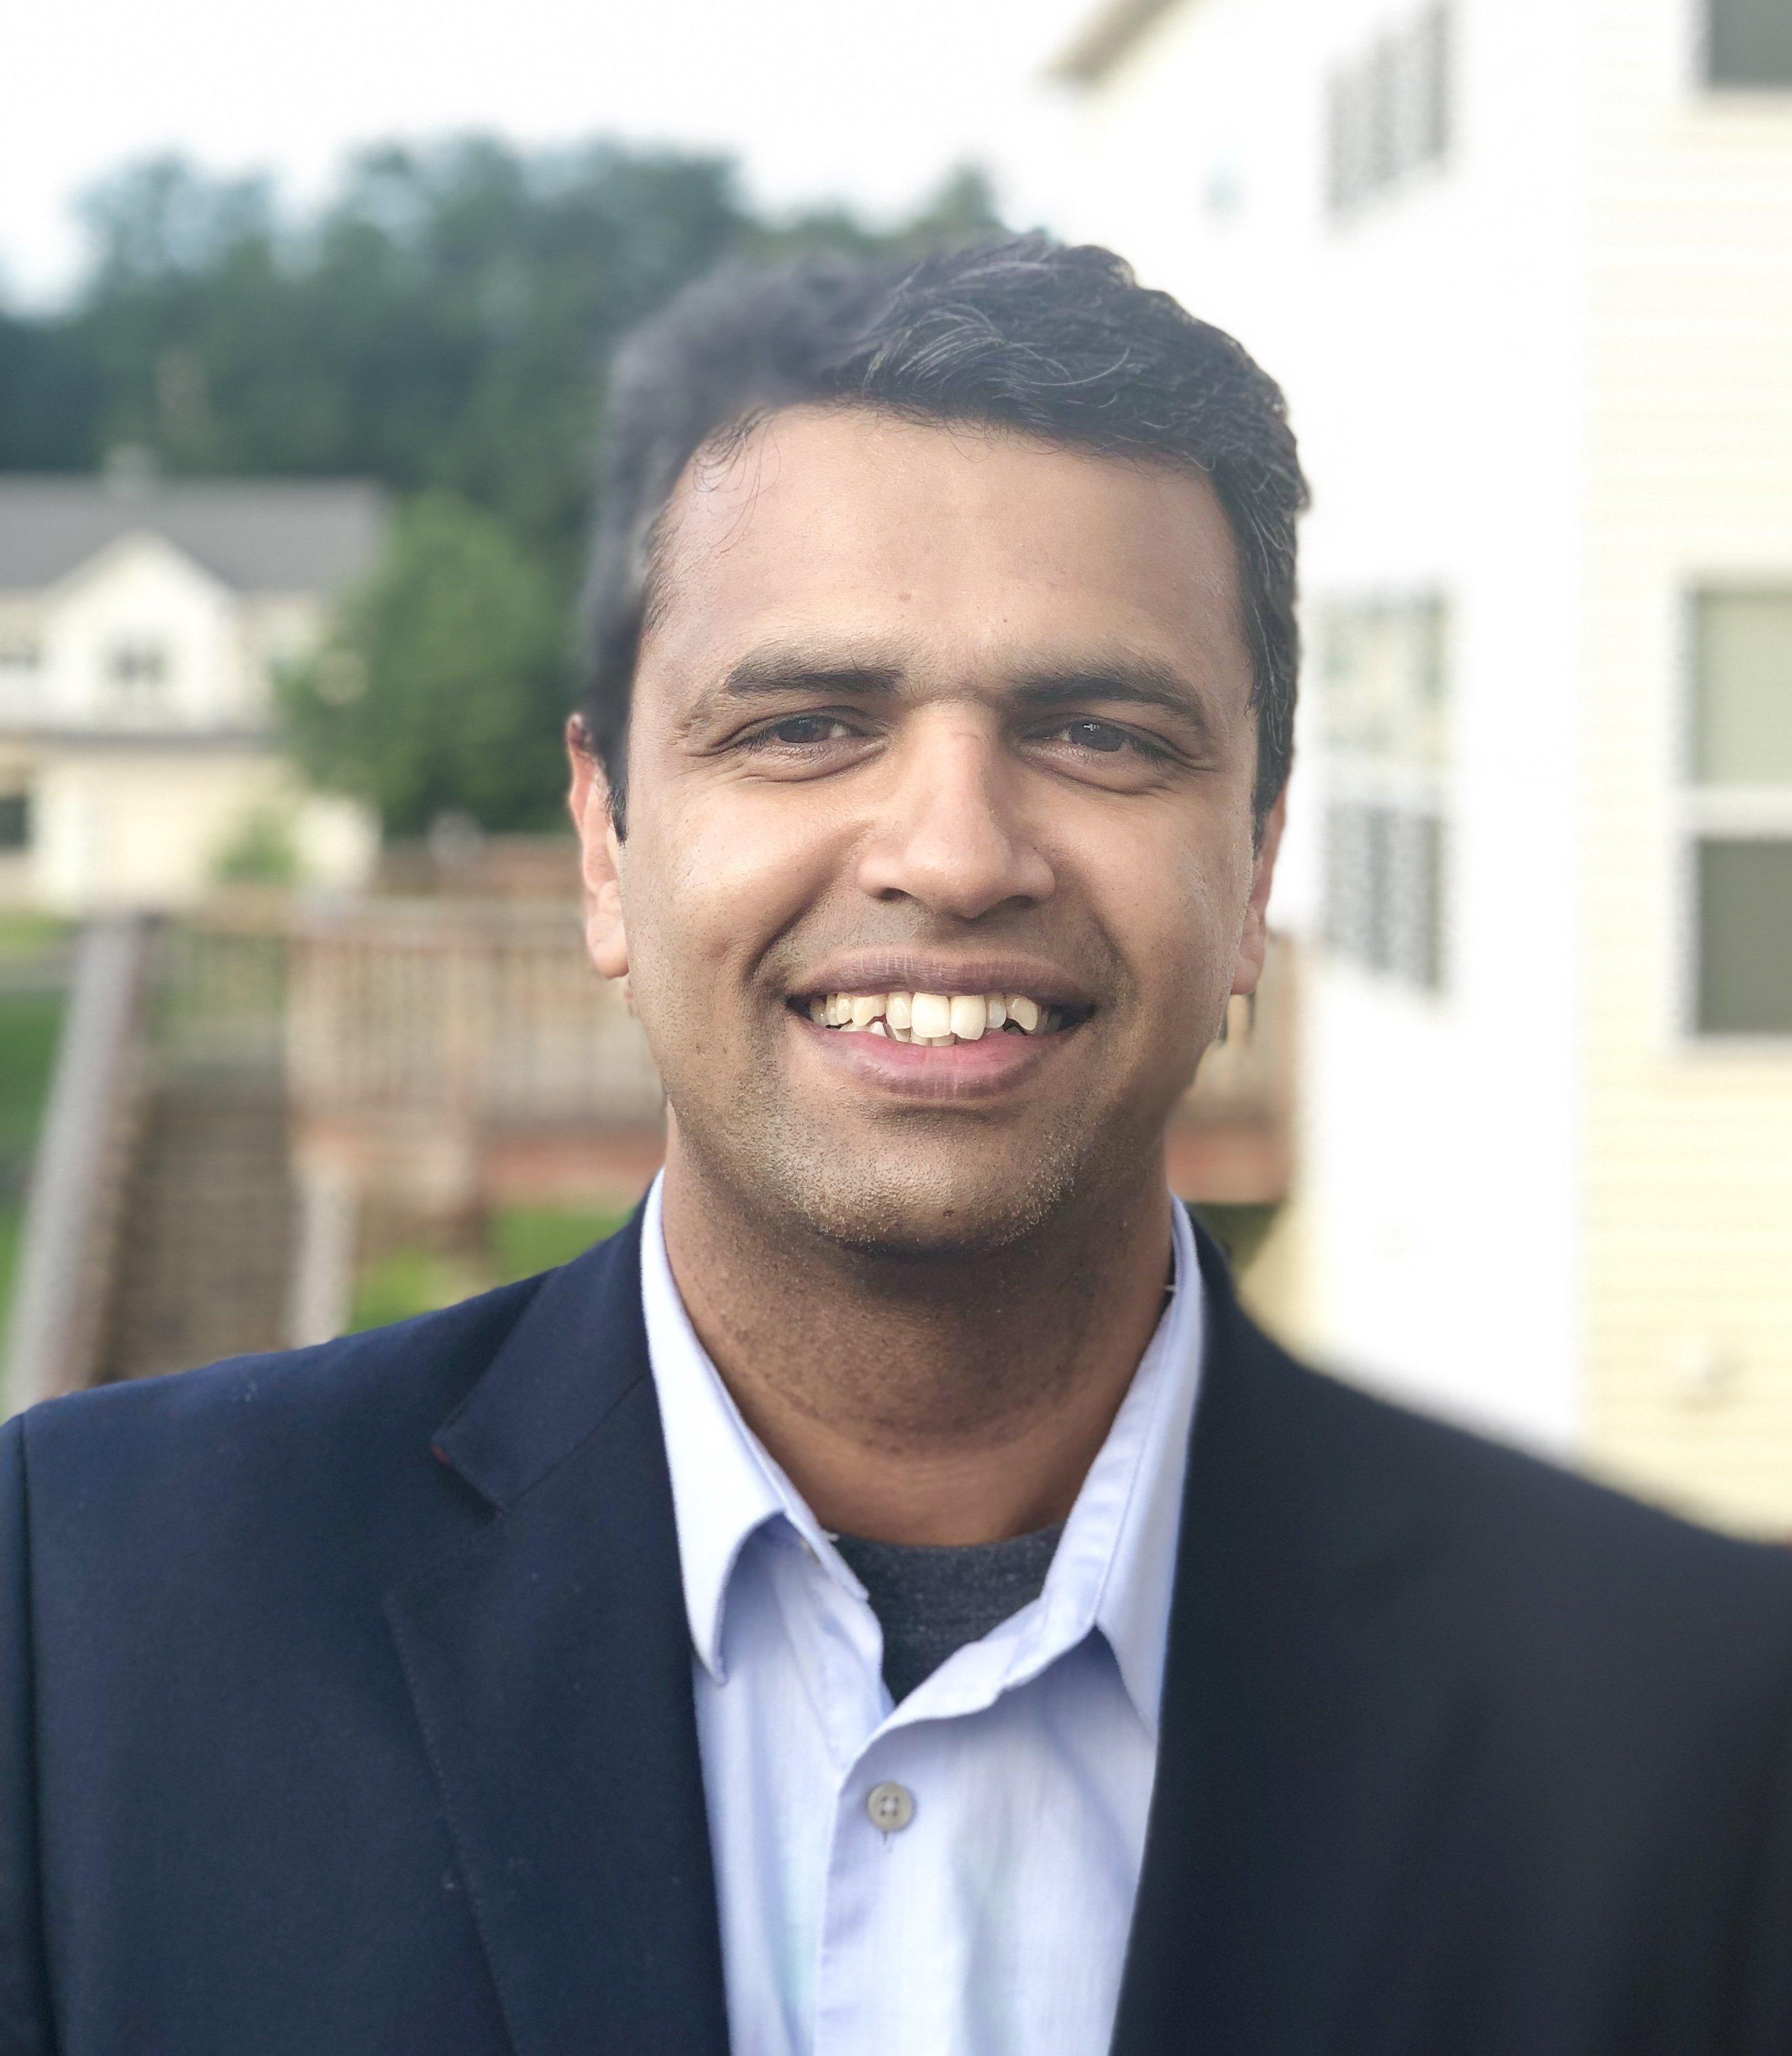 Ramji Iyer